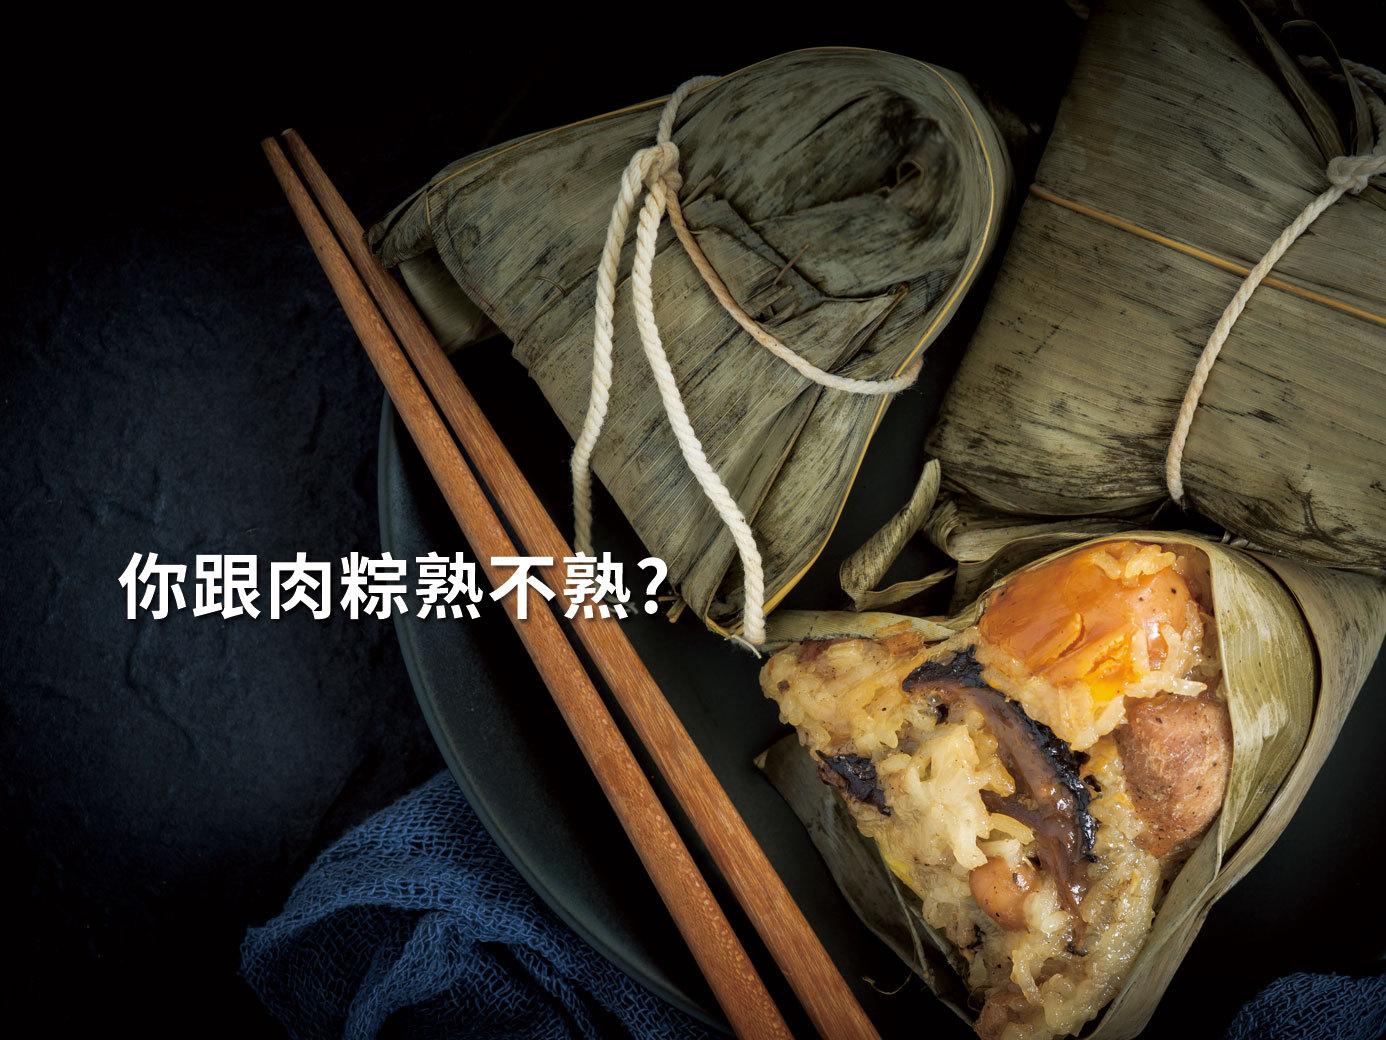 【端午專題企畫】今年端午節,你選南部粽還是北部粽?